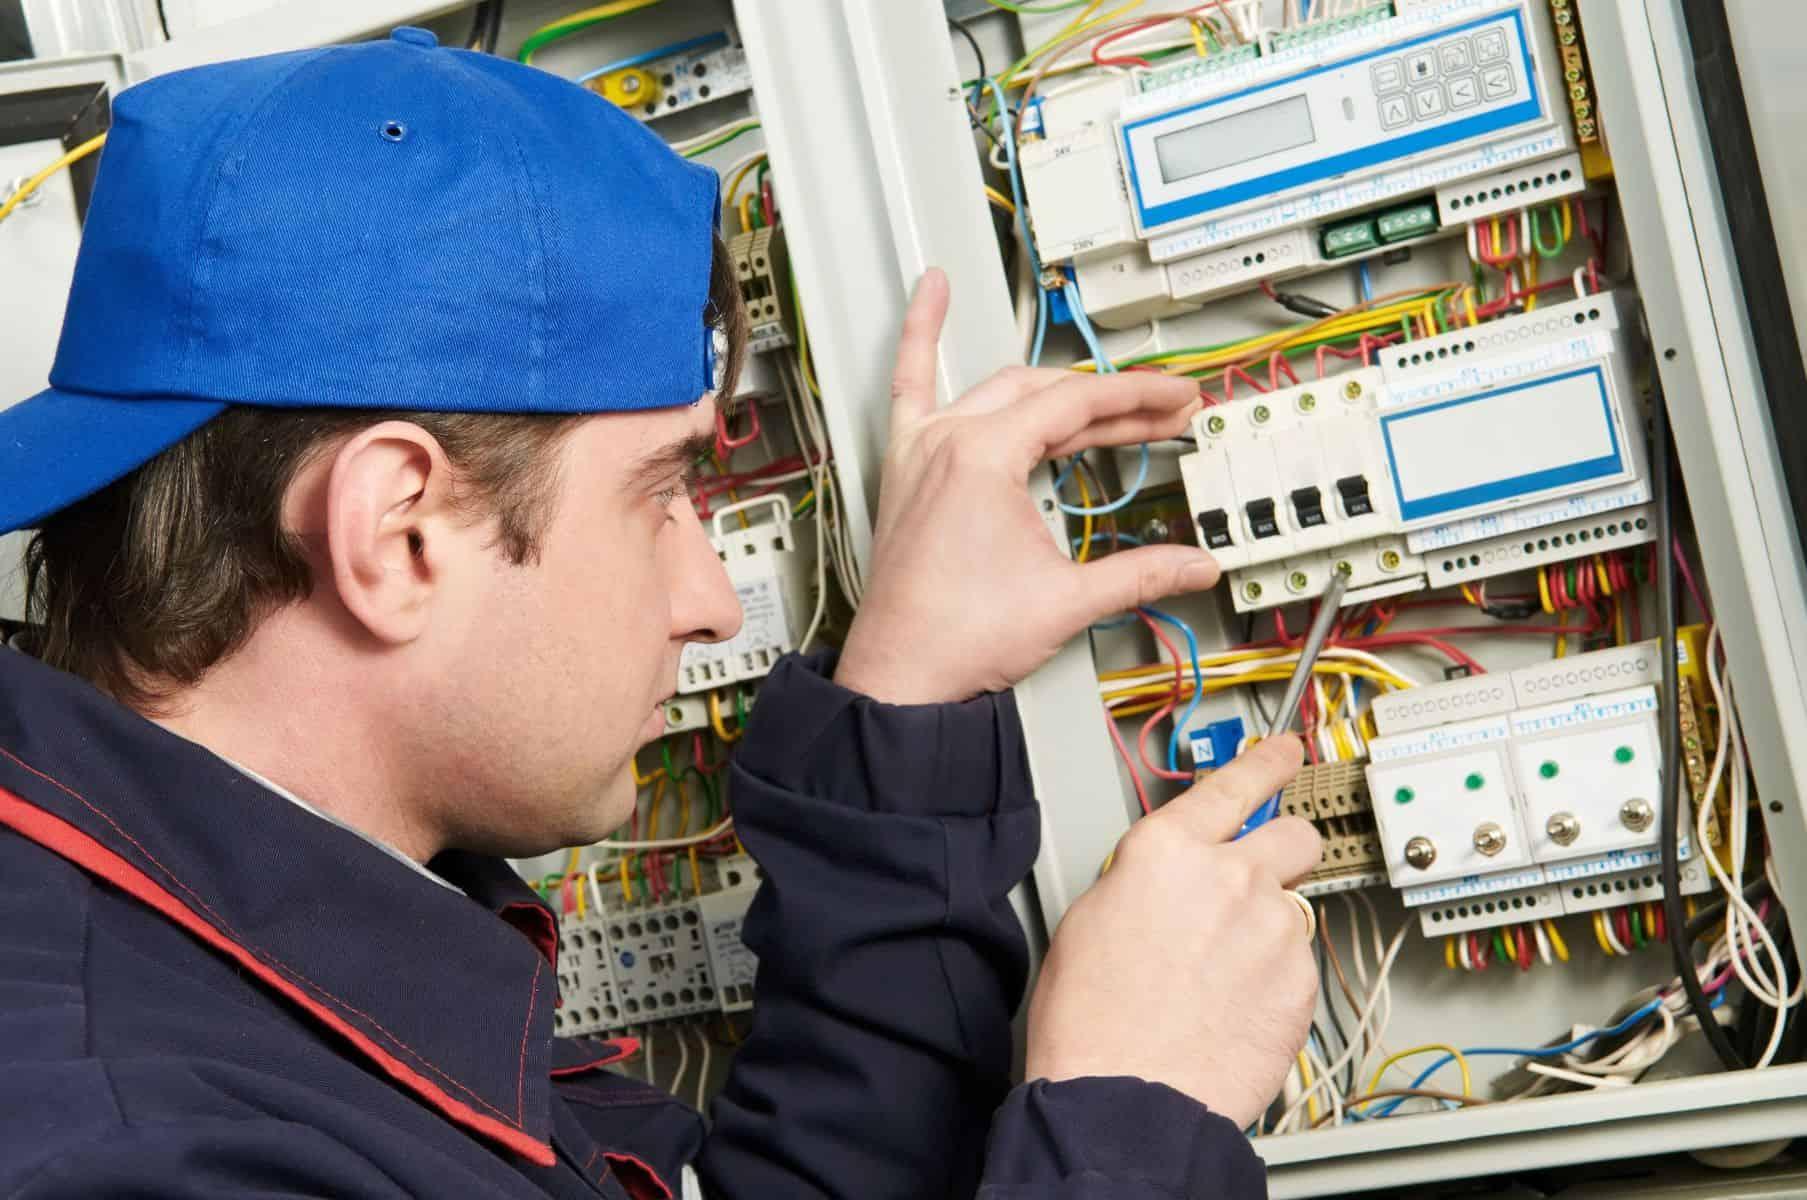 Pravidelná údržba elektrických zariadení vám ušetrí starosti aj peniaze